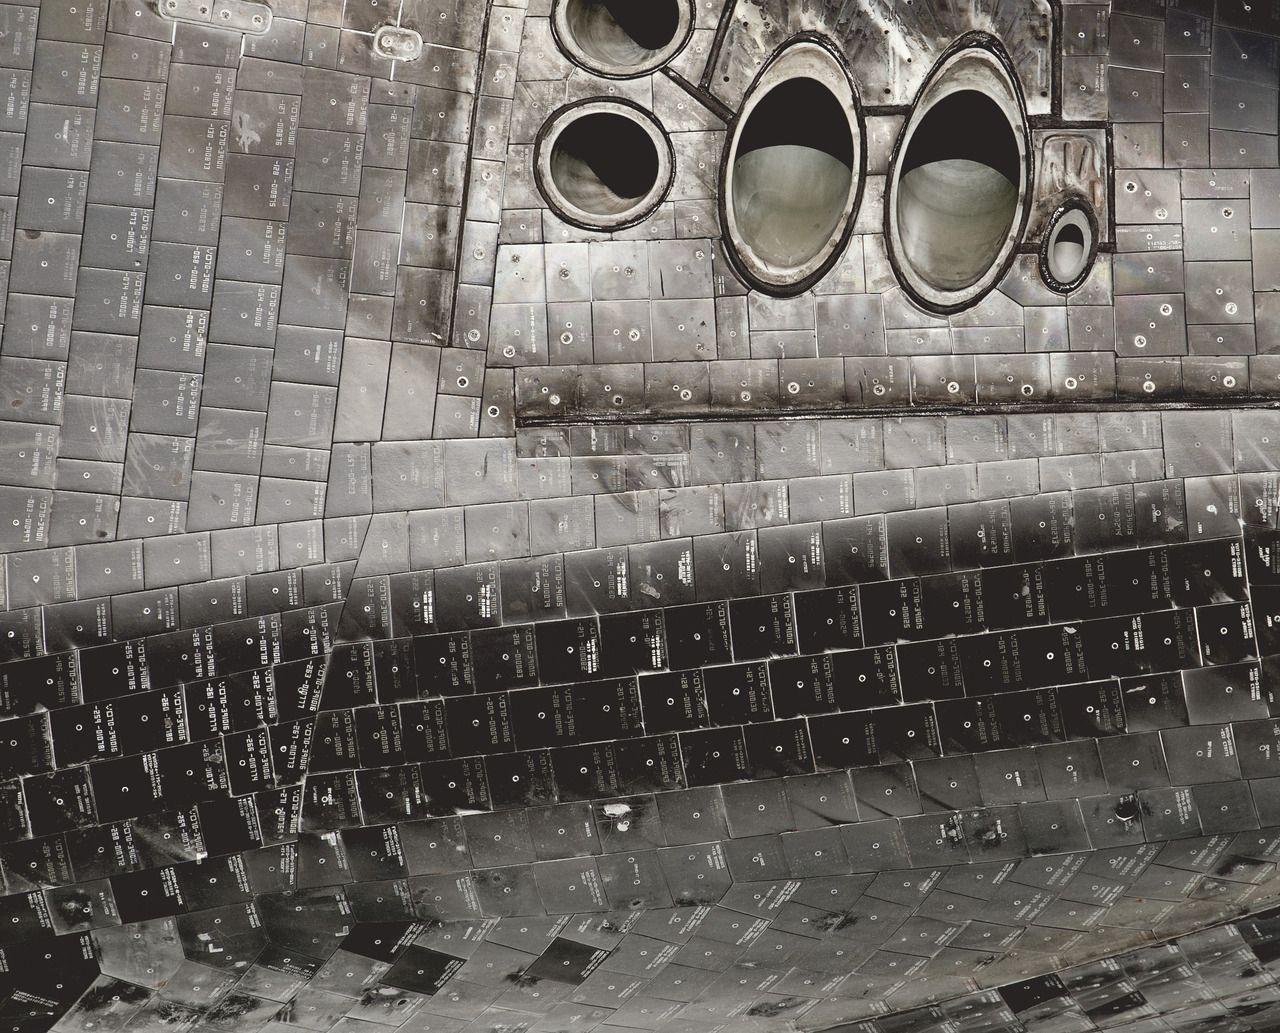 Space Shuttle Ceramic Tile And Thruster Detail Flight Pinterest